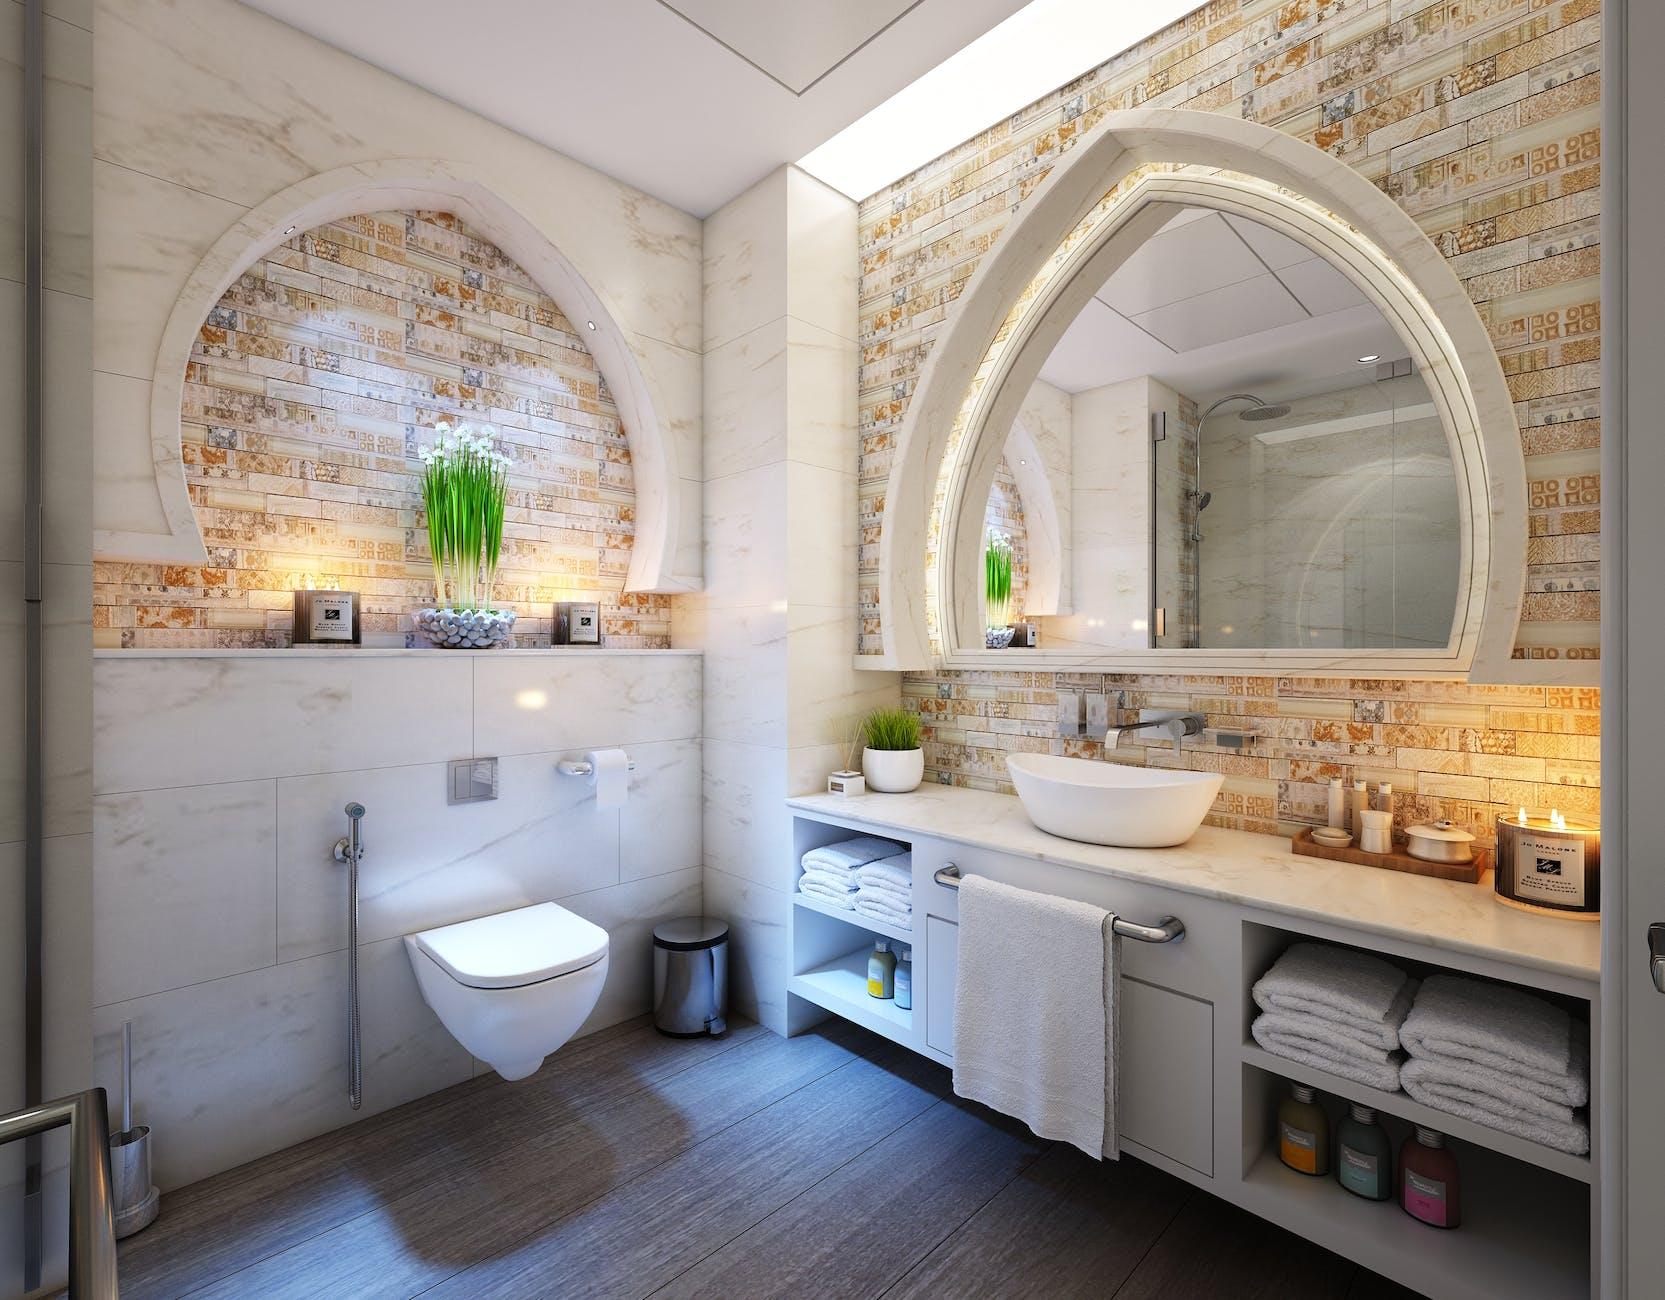 ilustrasi Toilet di Kedai Sante Kebumen